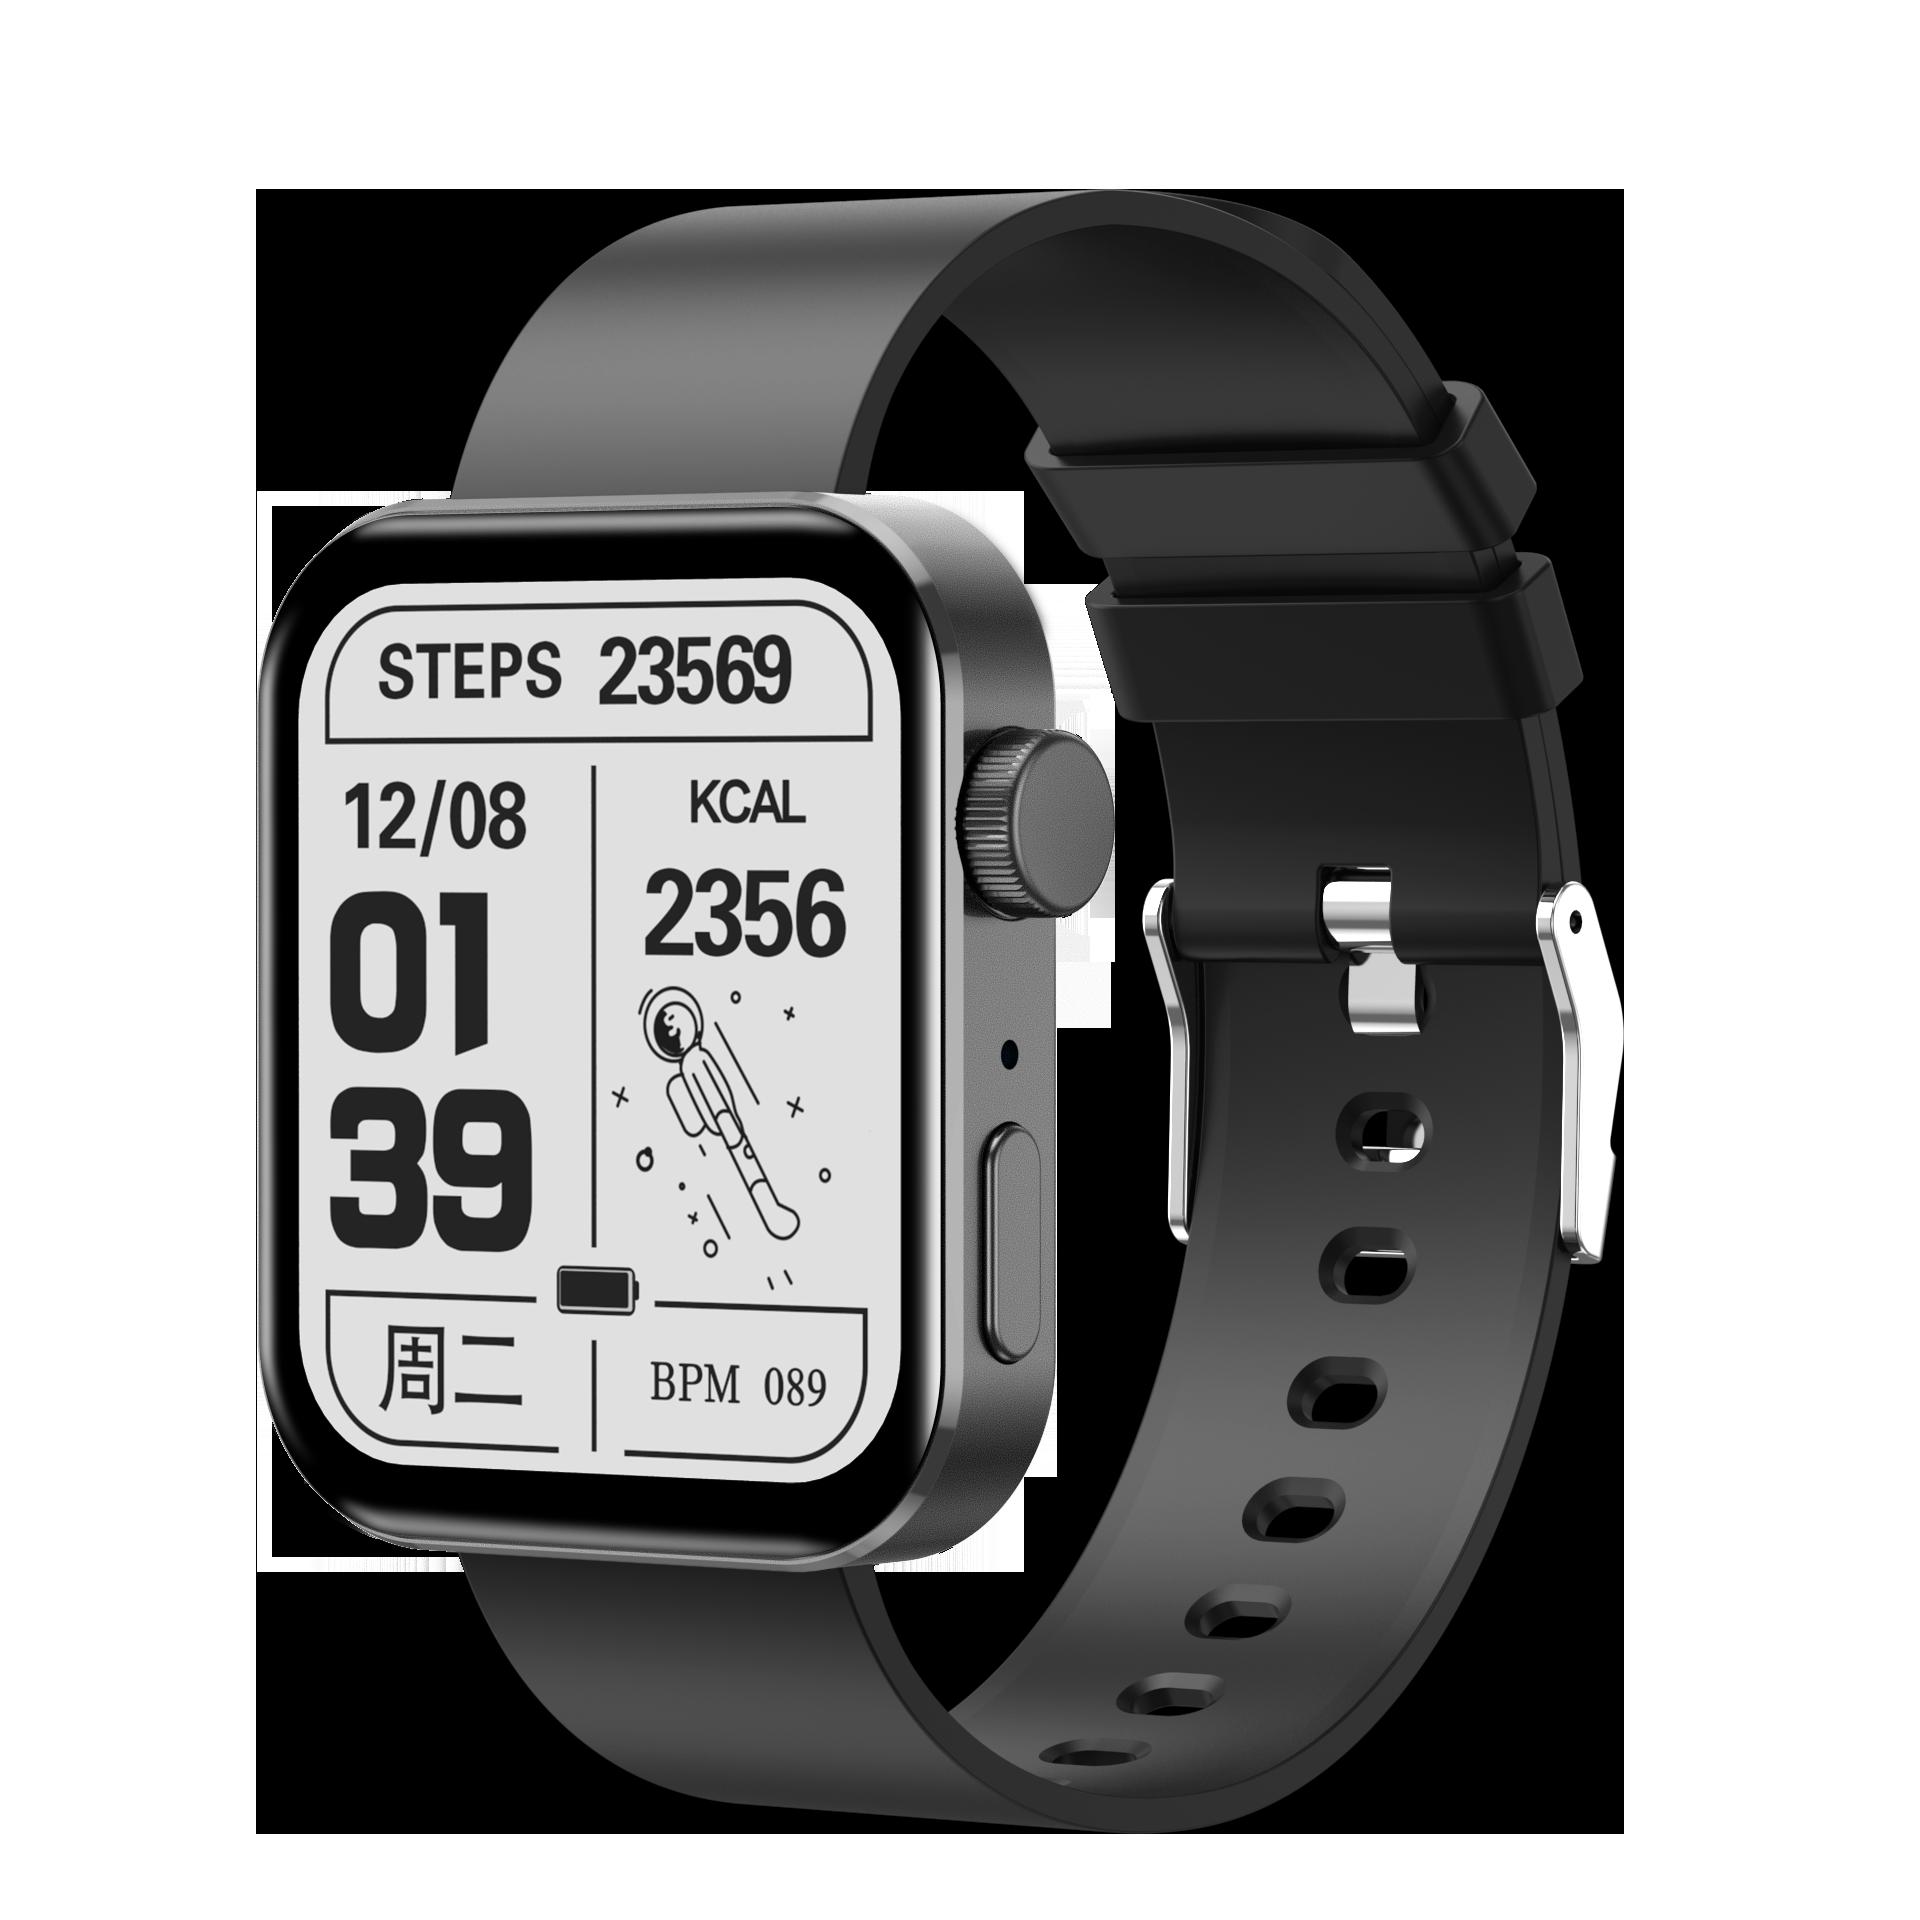 YNK 20 Smart watch